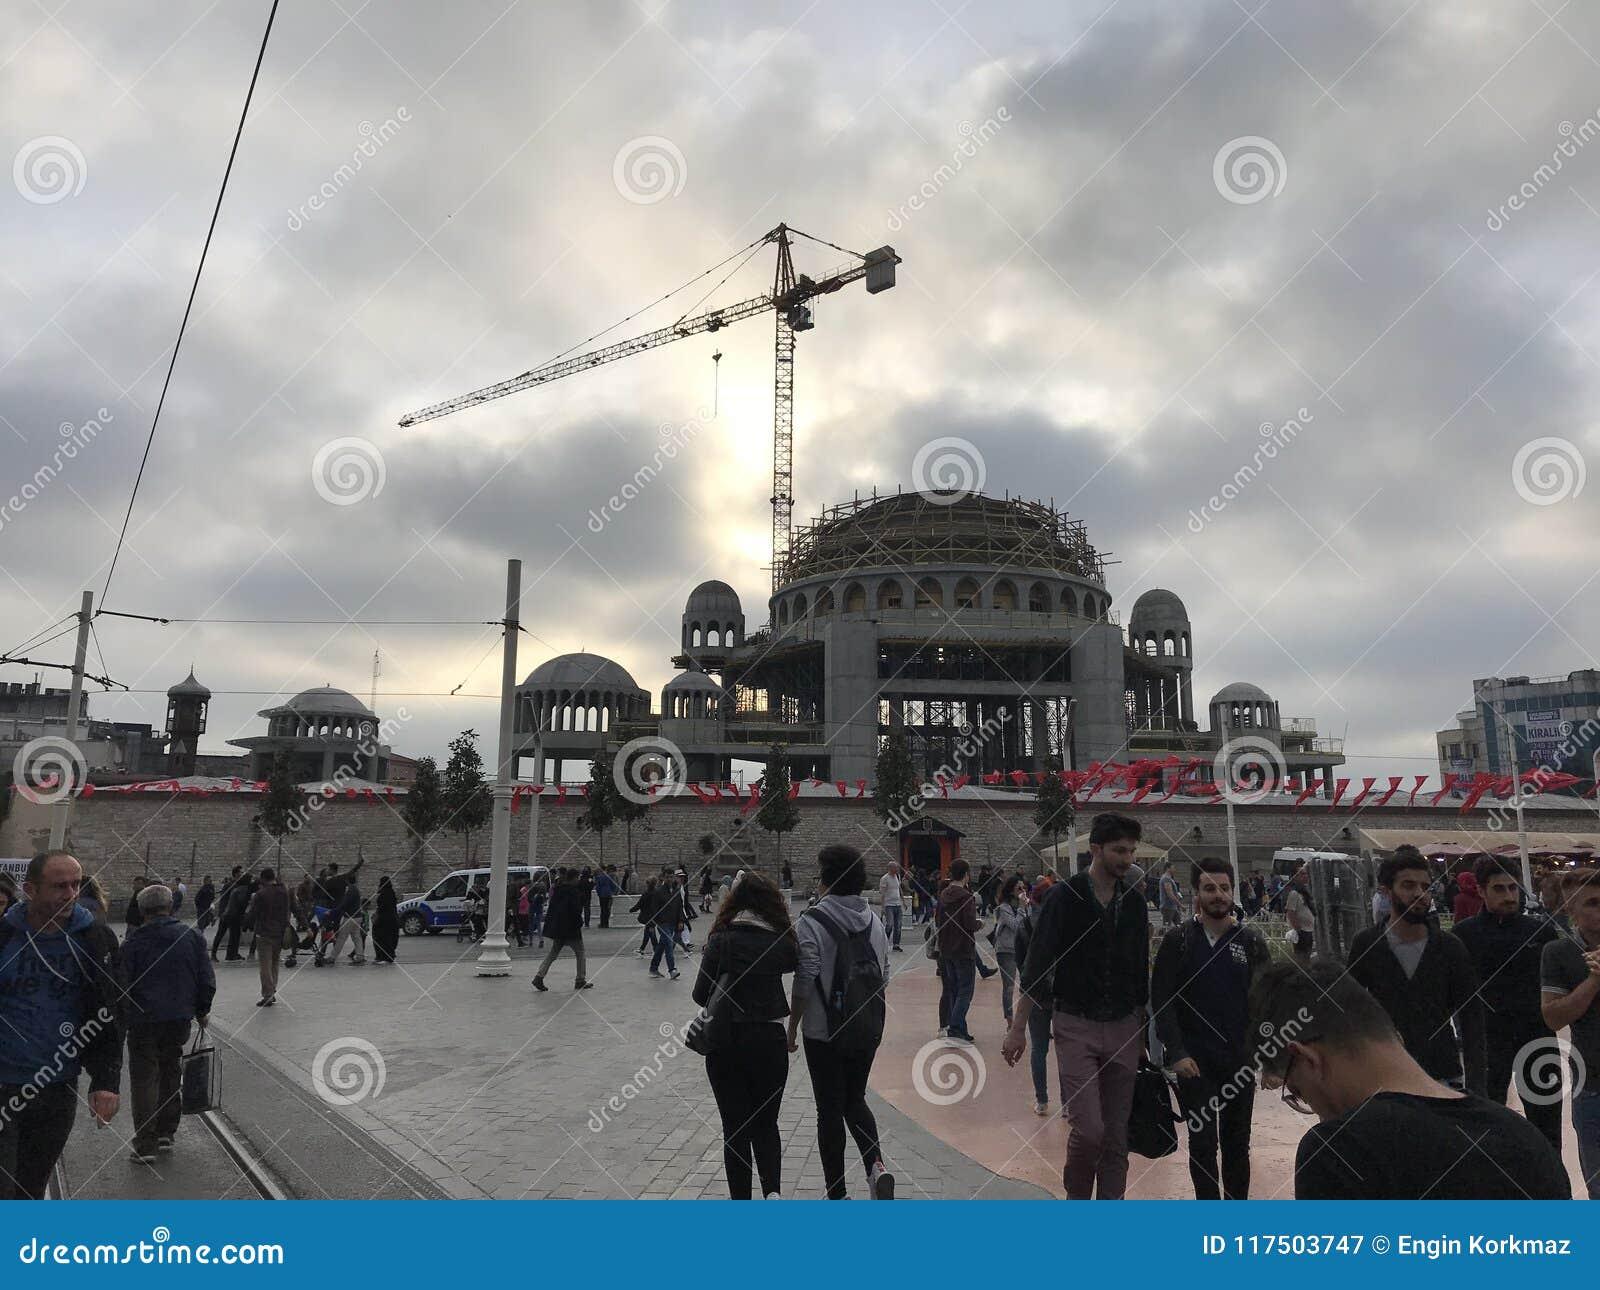 Άνθρωποι που περπατούν γύρω και αυτοκίνητα στην κυκλοφορία στην πλατεία Taksim, Ιστανμπούλ